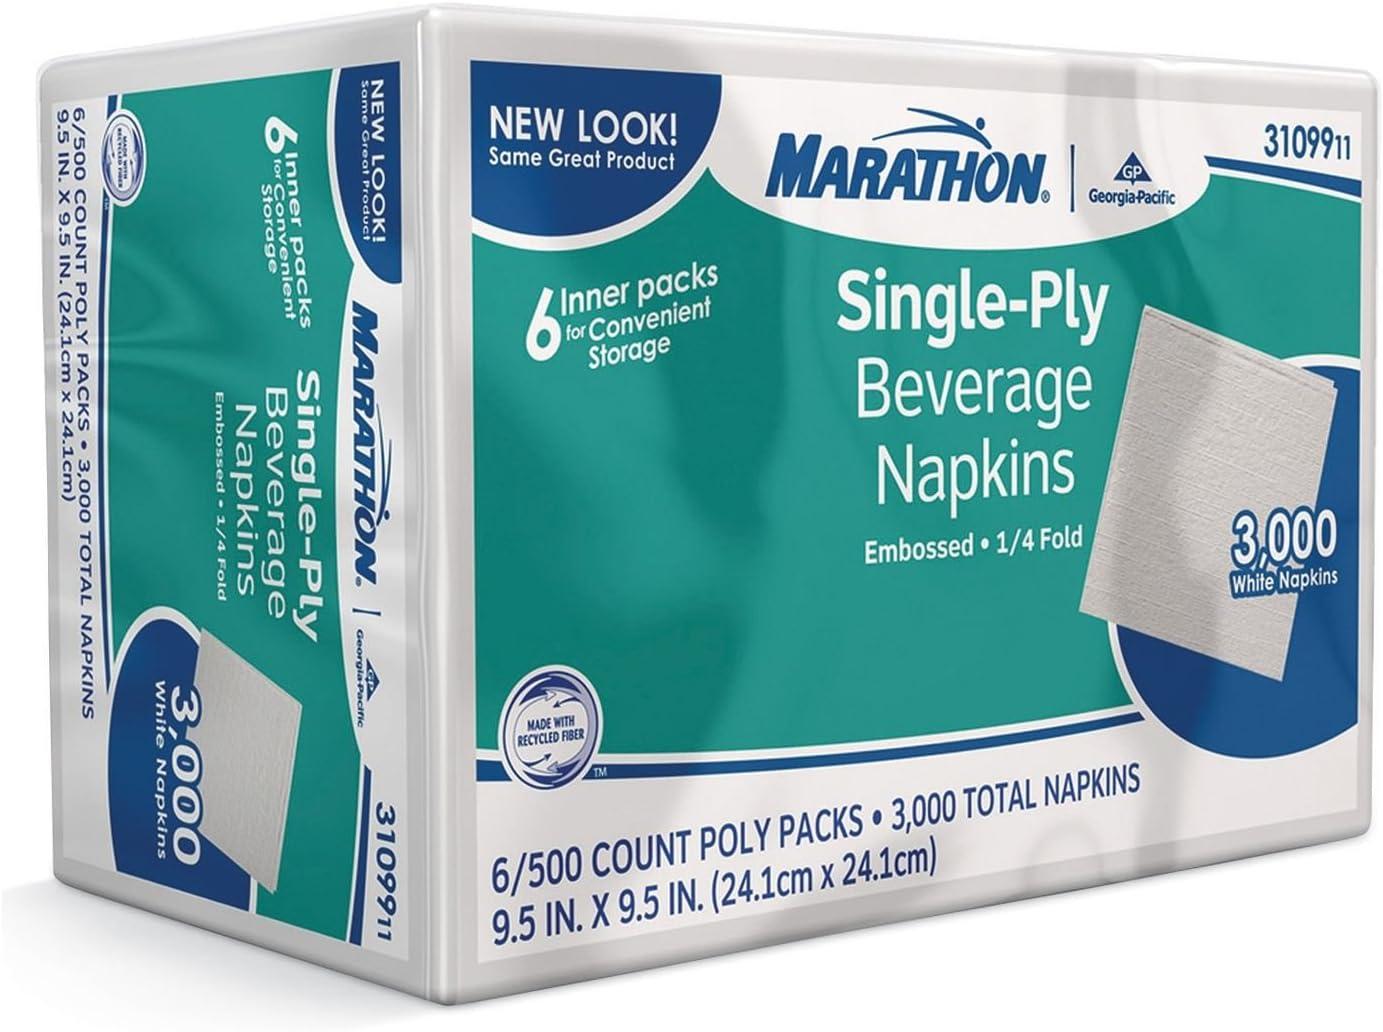 Marathon Beverage Napkin, 1/4 Fold (3,000 Napkins) x2 AS